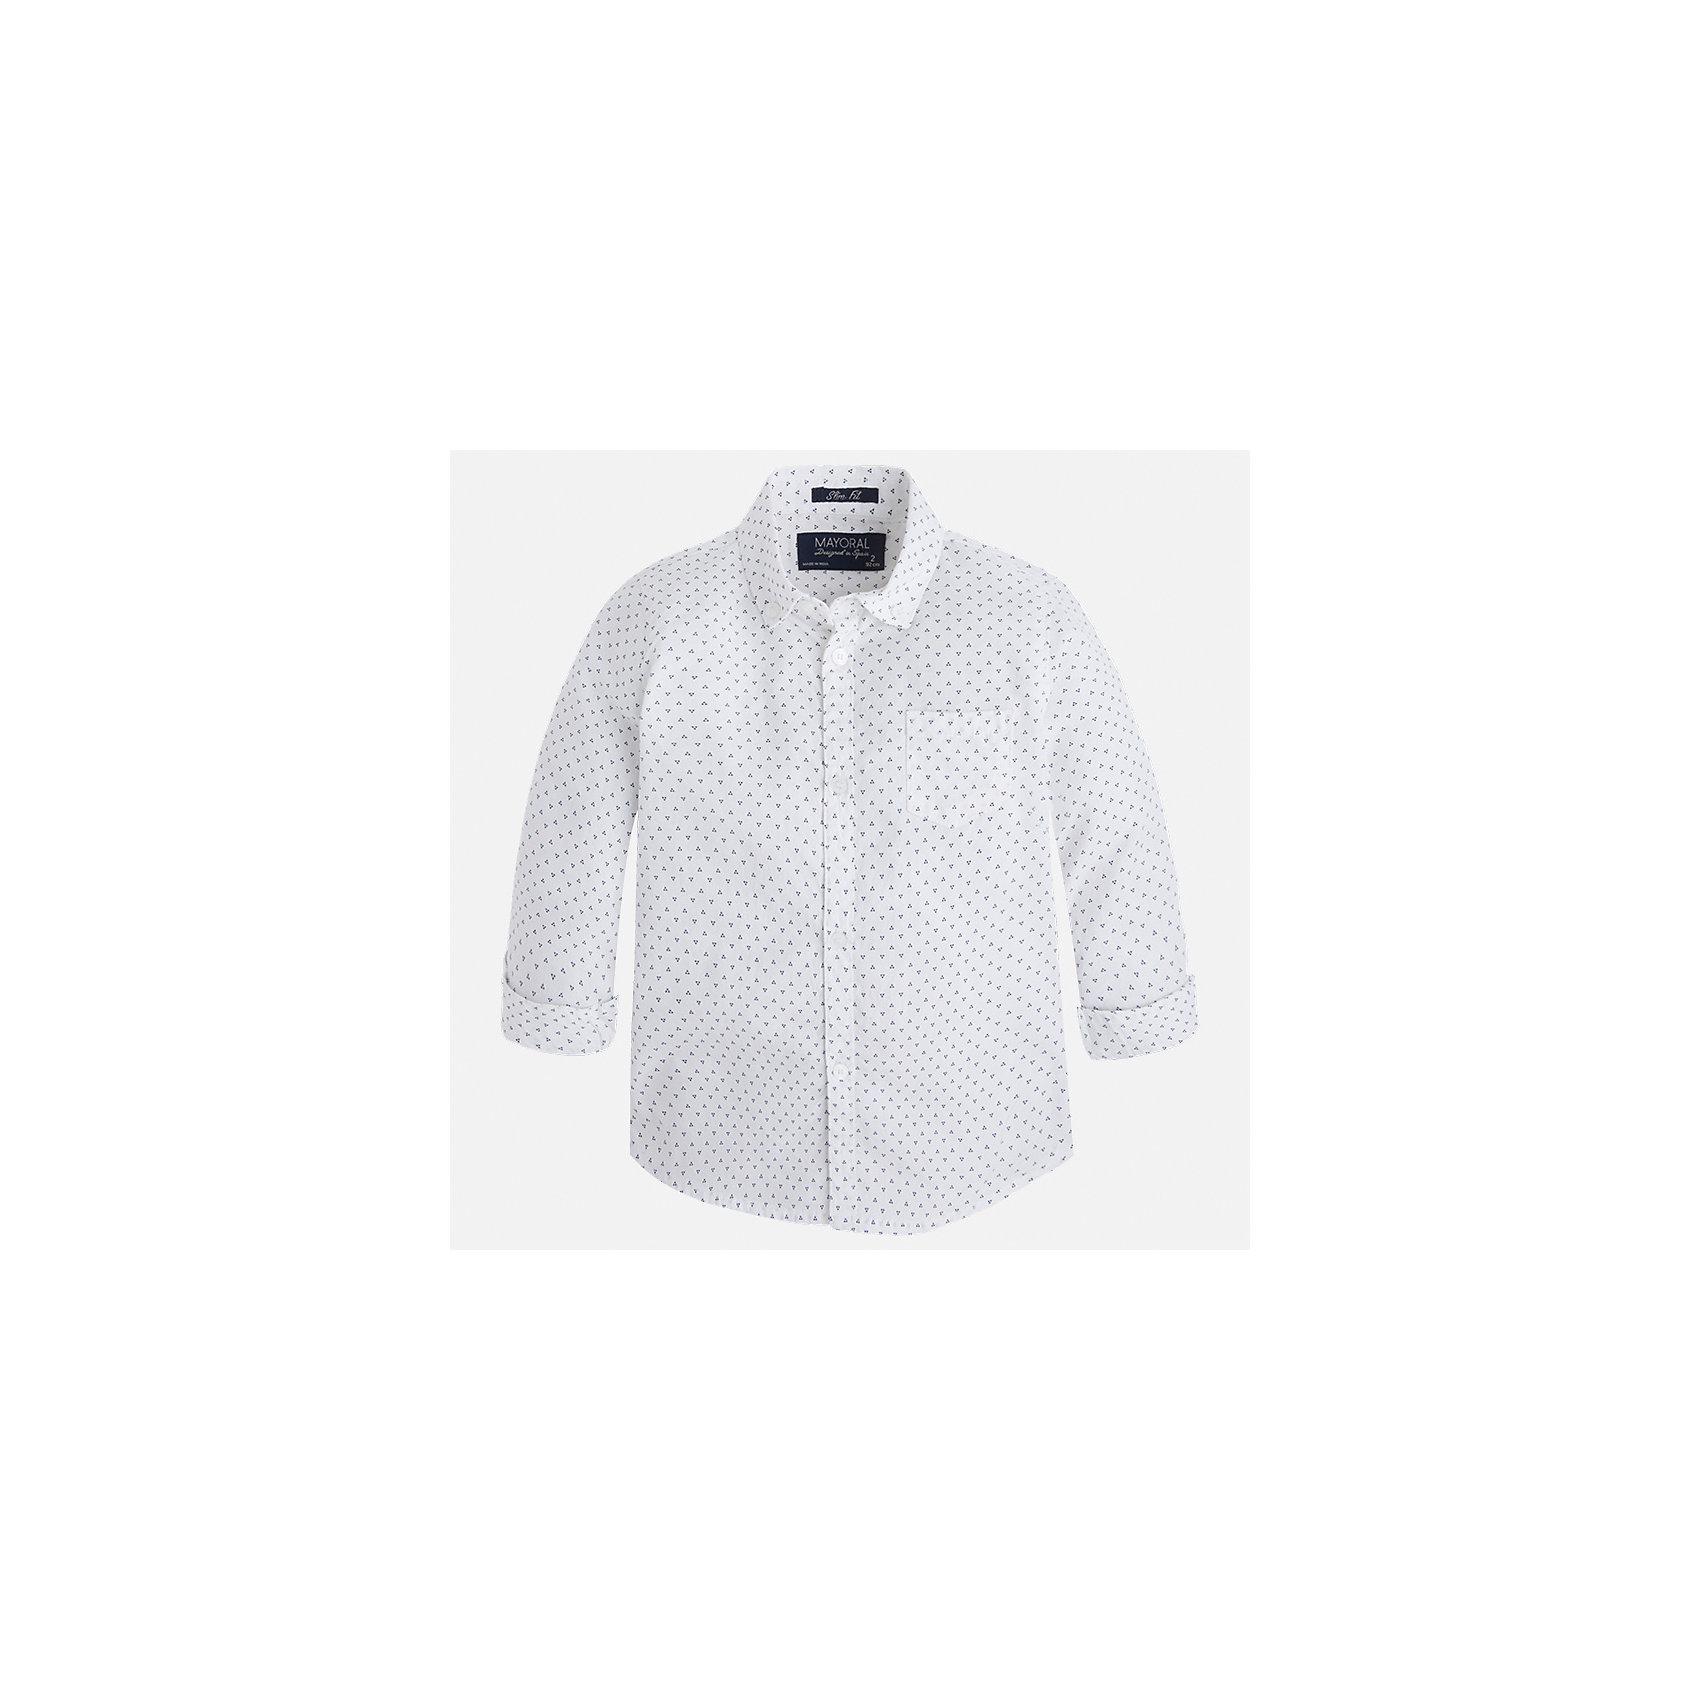 Рубашка для мальчика MayoralБлузки и рубашки<br>Характеристики товара:<br><br>• цвет: белый<br>• состав: 100% хлопок<br>• отложной воротник<br>• рукава с отворотами<br>• застежка: пуговицы<br>• карман на груди<br>• страна бренда: Испания<br><br>Удобная модная рубашка-поло для мальчика может стать базовой вещью в гардеробе ребенка. Она отлично сочетается с брюками, шортами, джинсами и т.д. Универсальный крой и цвет позволяет подобрать к вещи низ разных расцветок. Практичное и стильное изделие! В составе материала - только натуральный хлопок, гипоаллергенный, приятный на ощупь, дышащий.<br><br>Одежда, обувь и аксессуары от испанского бренда Mayoral полюбились детям и взрослым по всему миру. Модели этой марки - стильные и удобные. Для их производства используются только безопасные, качественные материалы и фурнитура. Порадуйте ребенка модными и красивыми вещами от Mayoral! <br><br>Рубашку-поло для мальчика от испанского бренда Mayoral (Майорал) можно купить в нашем интернет-магазине.<br><br>Ширина мм: 174<br>Глубина мм: 10<br>Высота мм: 169<br>Вес г: 157<br>Цвет: белый<br>Возраст от месяцев: 36<br>Возраст до месяцев: 48<br>Пол: Мужской<br>Возраст: Детский<br>Размер: 104,122,116,98,128,92,110,134<br>SKU: 5272468